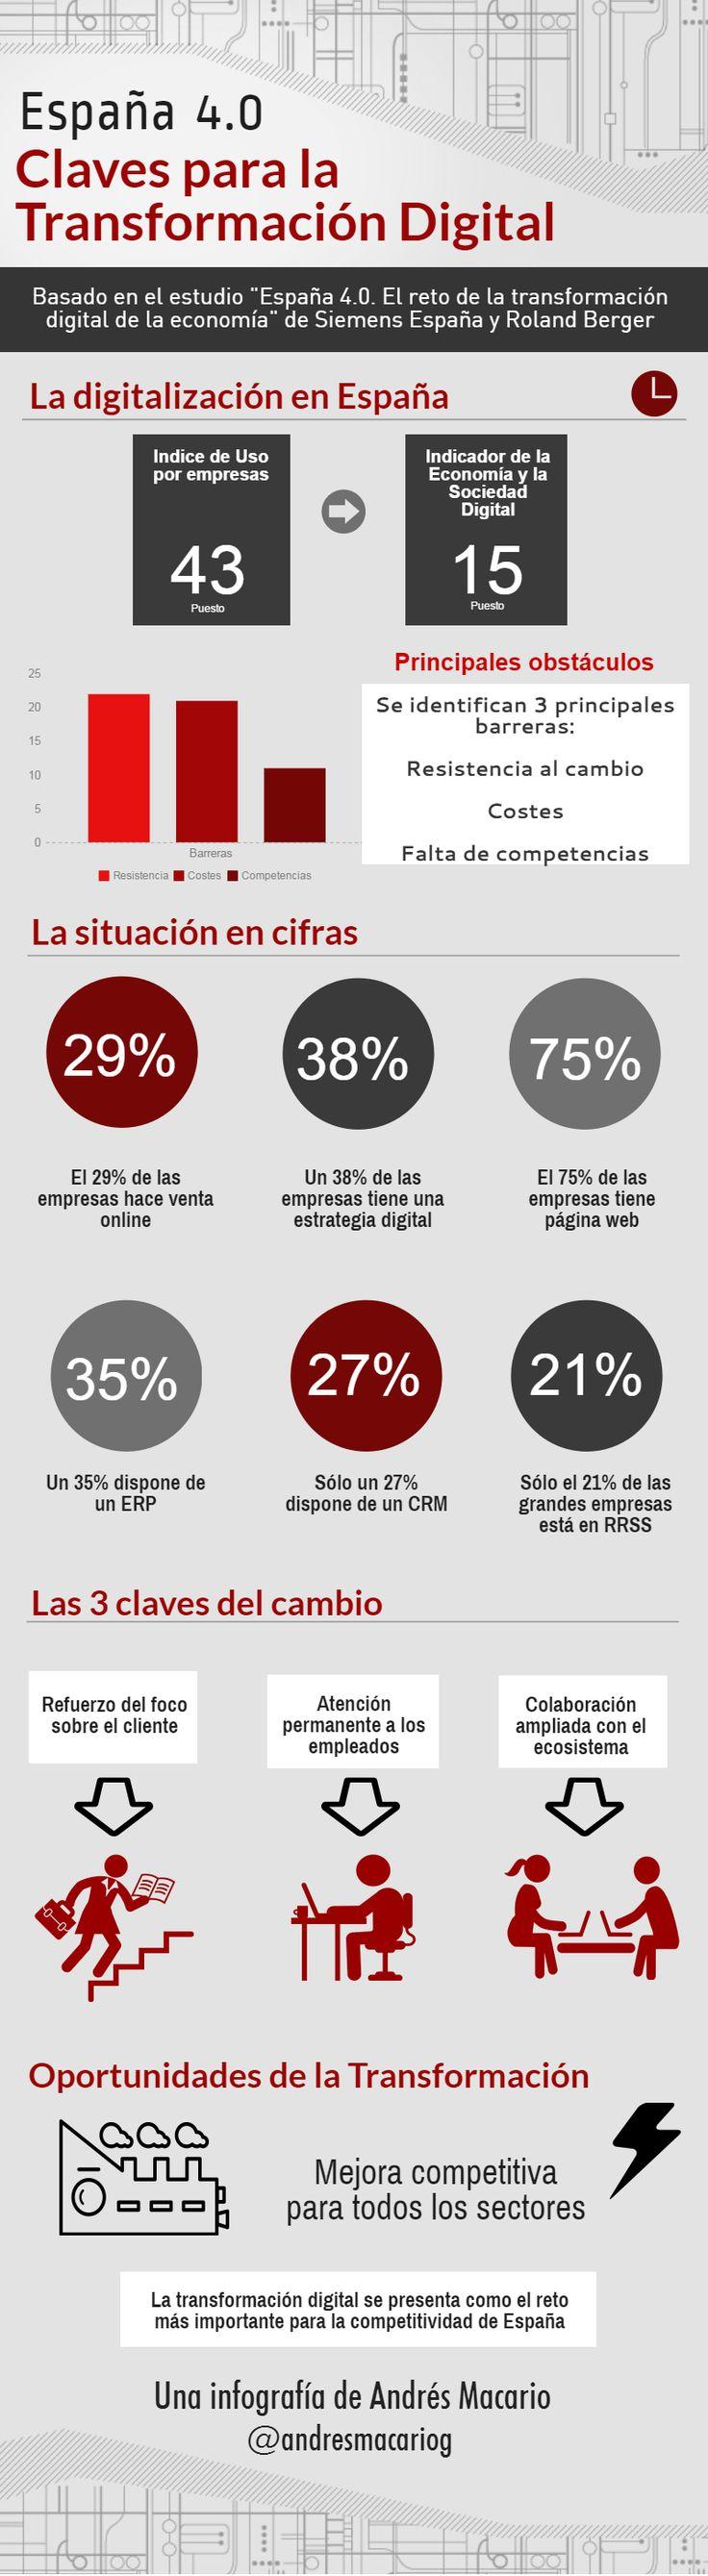 España 4.0: Claves para la Transformación Digital #infografia